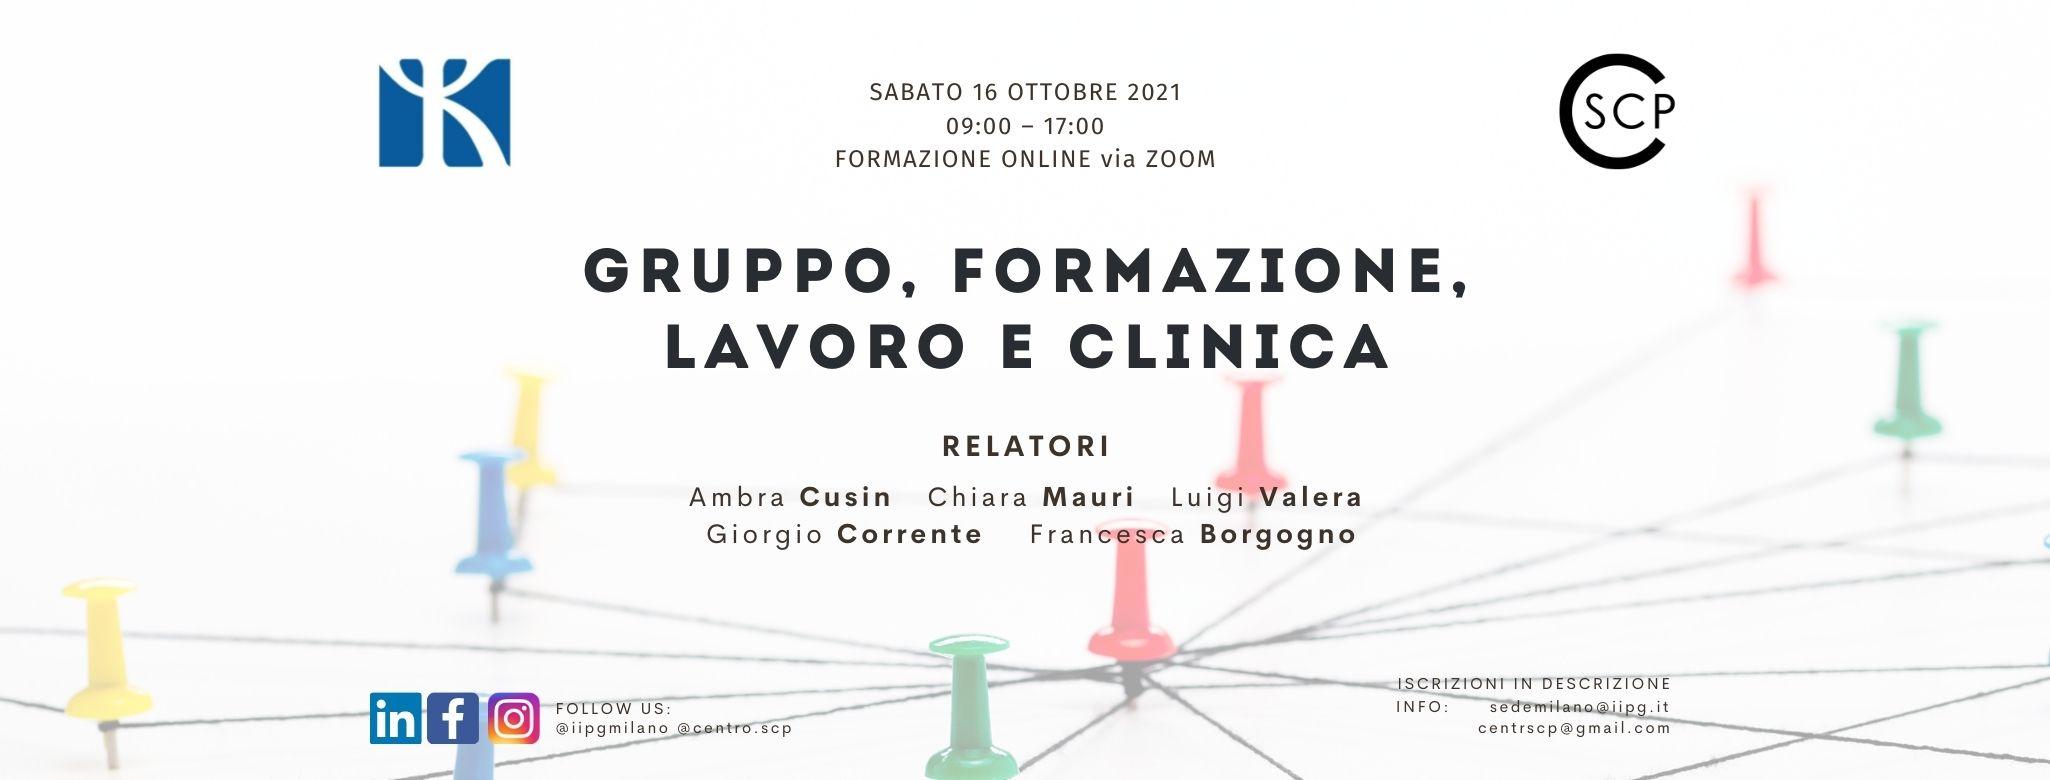 Gruppo, formazione, lavoro e clinica